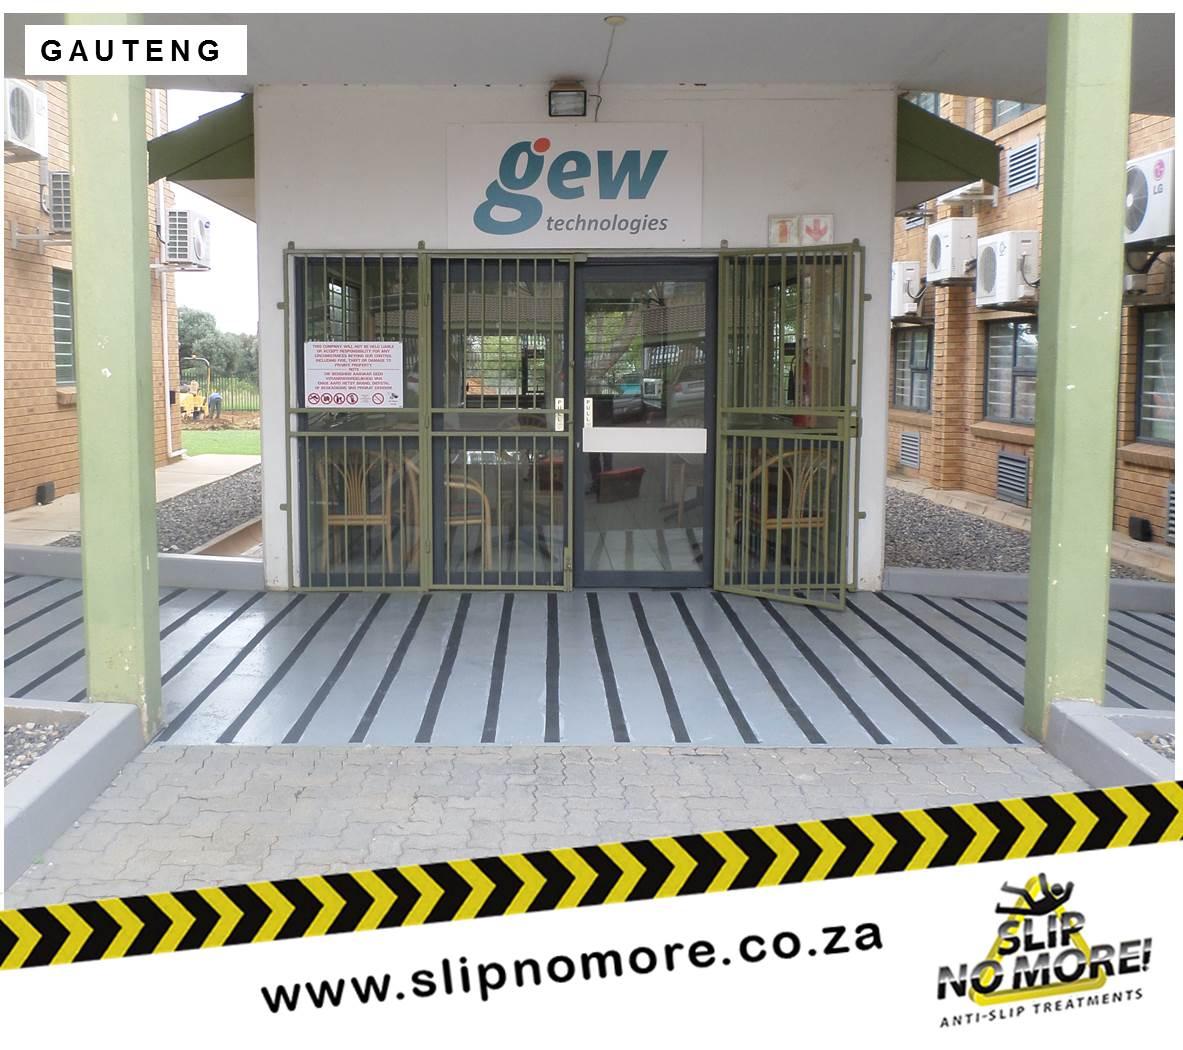 Anti Slip Treatment Slip No More